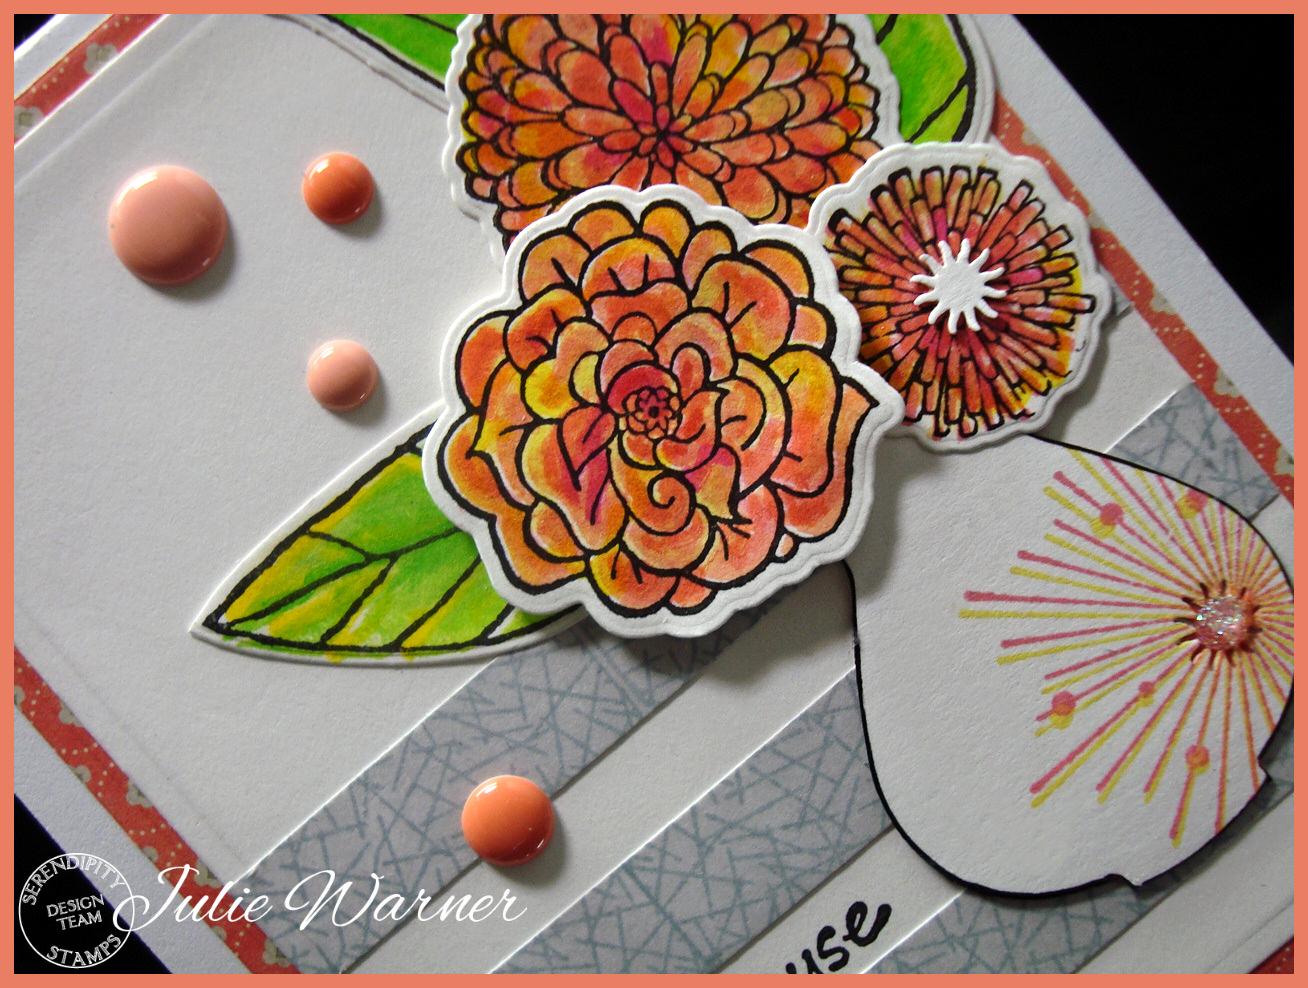 Flower Vase cu 06554